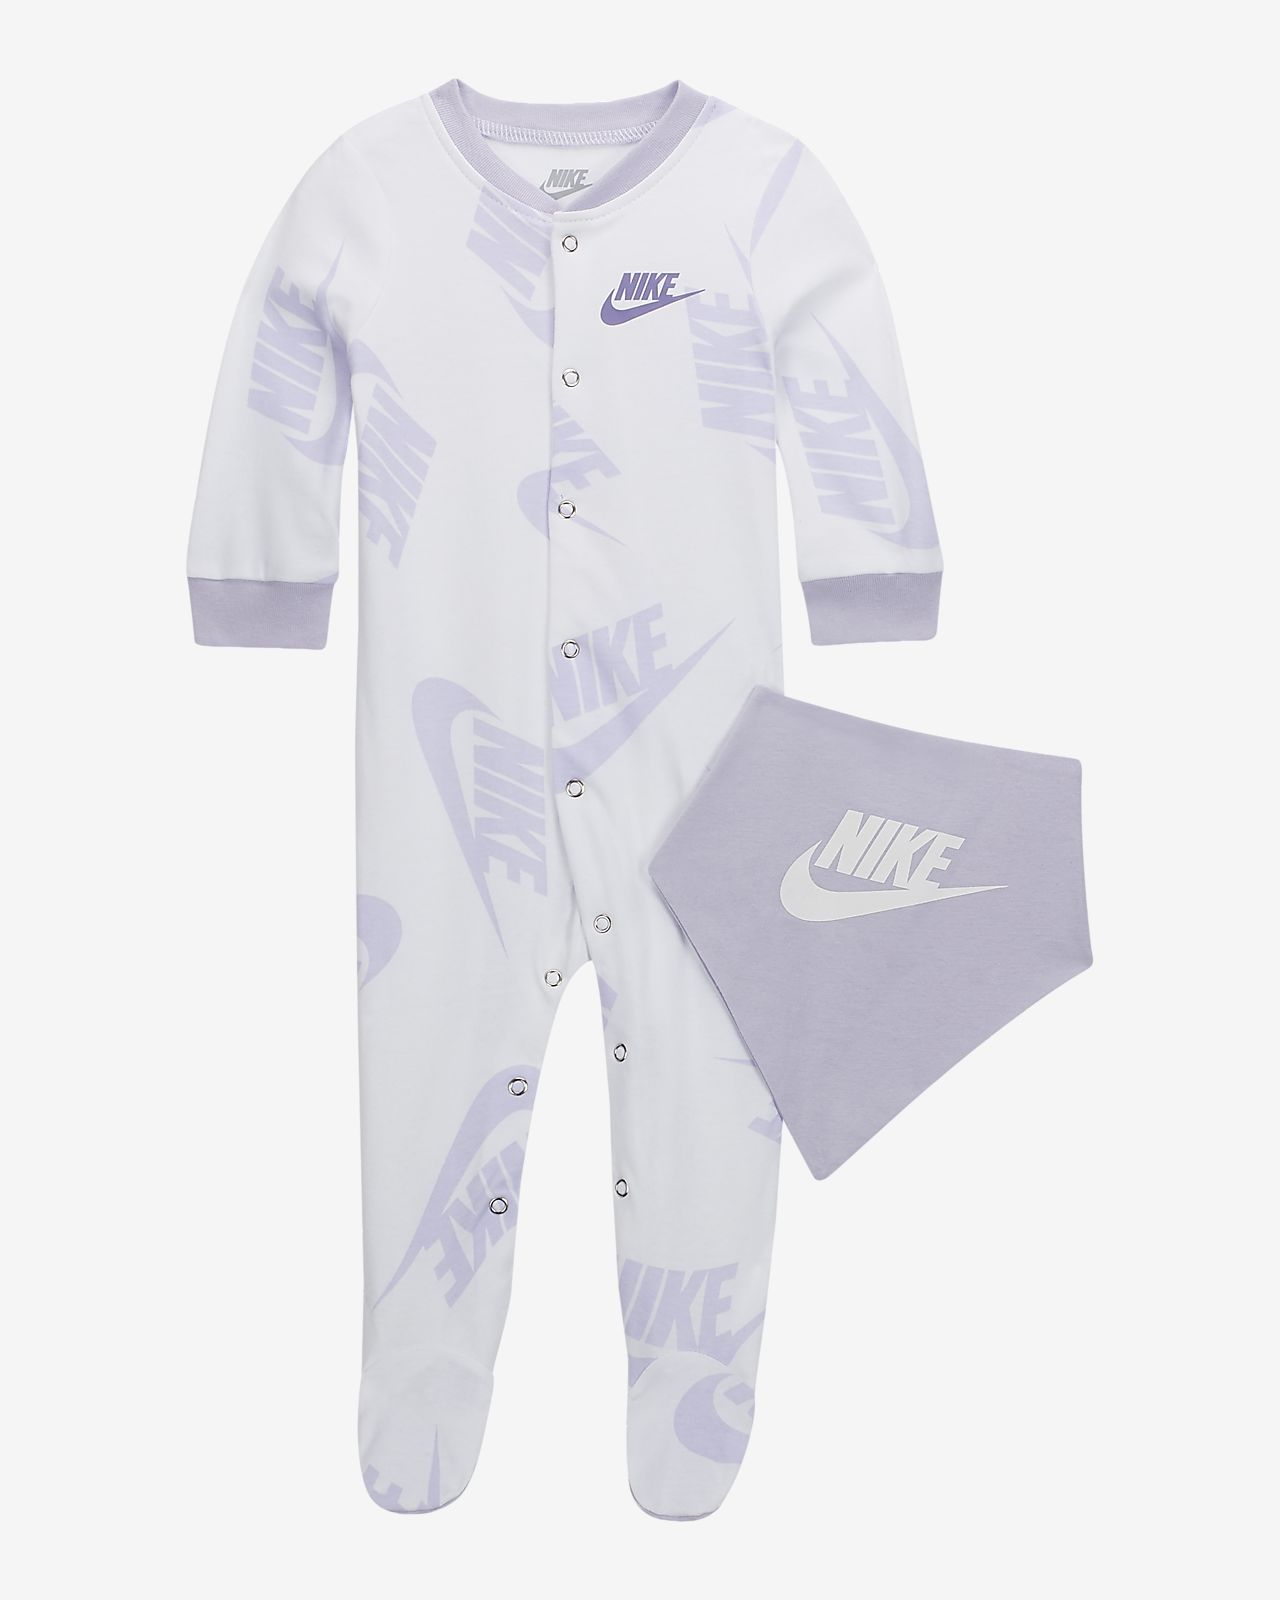 08fabe37303 ... 2-delt Nike Sportswear-sæt med heldragt & hagesmæk til babyer